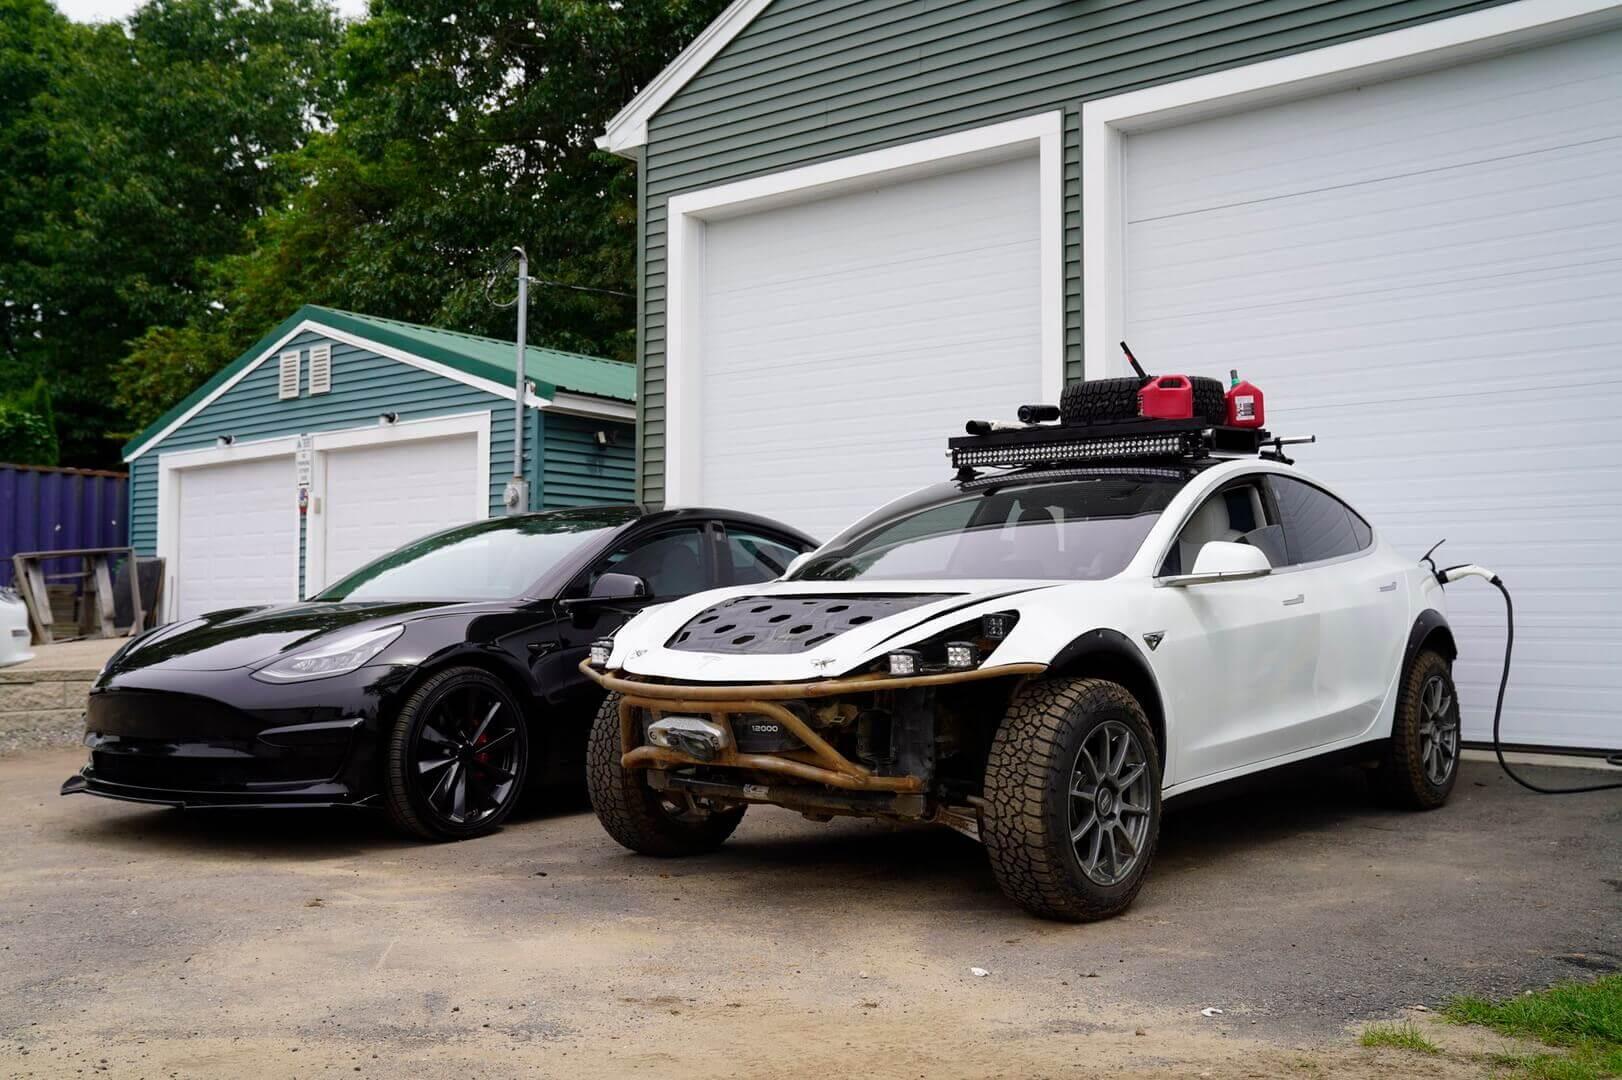 Разбитая Tesla Model 3 получила новую жизнь в качестве внедорожника